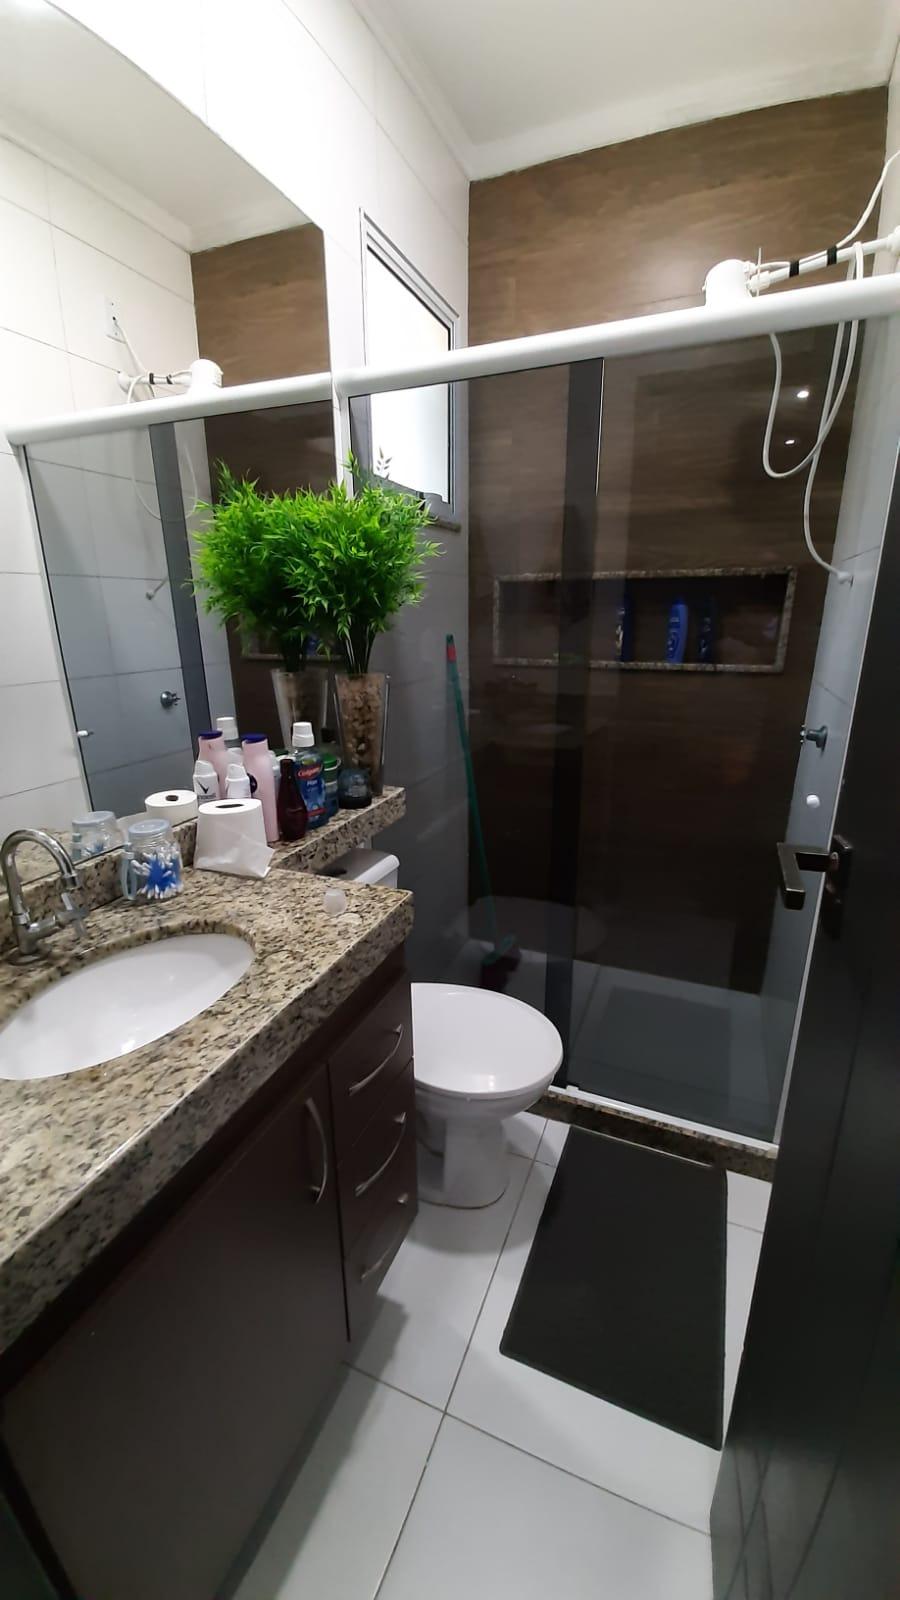 FOTO 15 - Cobertura 3 quartos à venda Rio de Janeiro,RJ - R$ 600.000 - CO00025 - 16